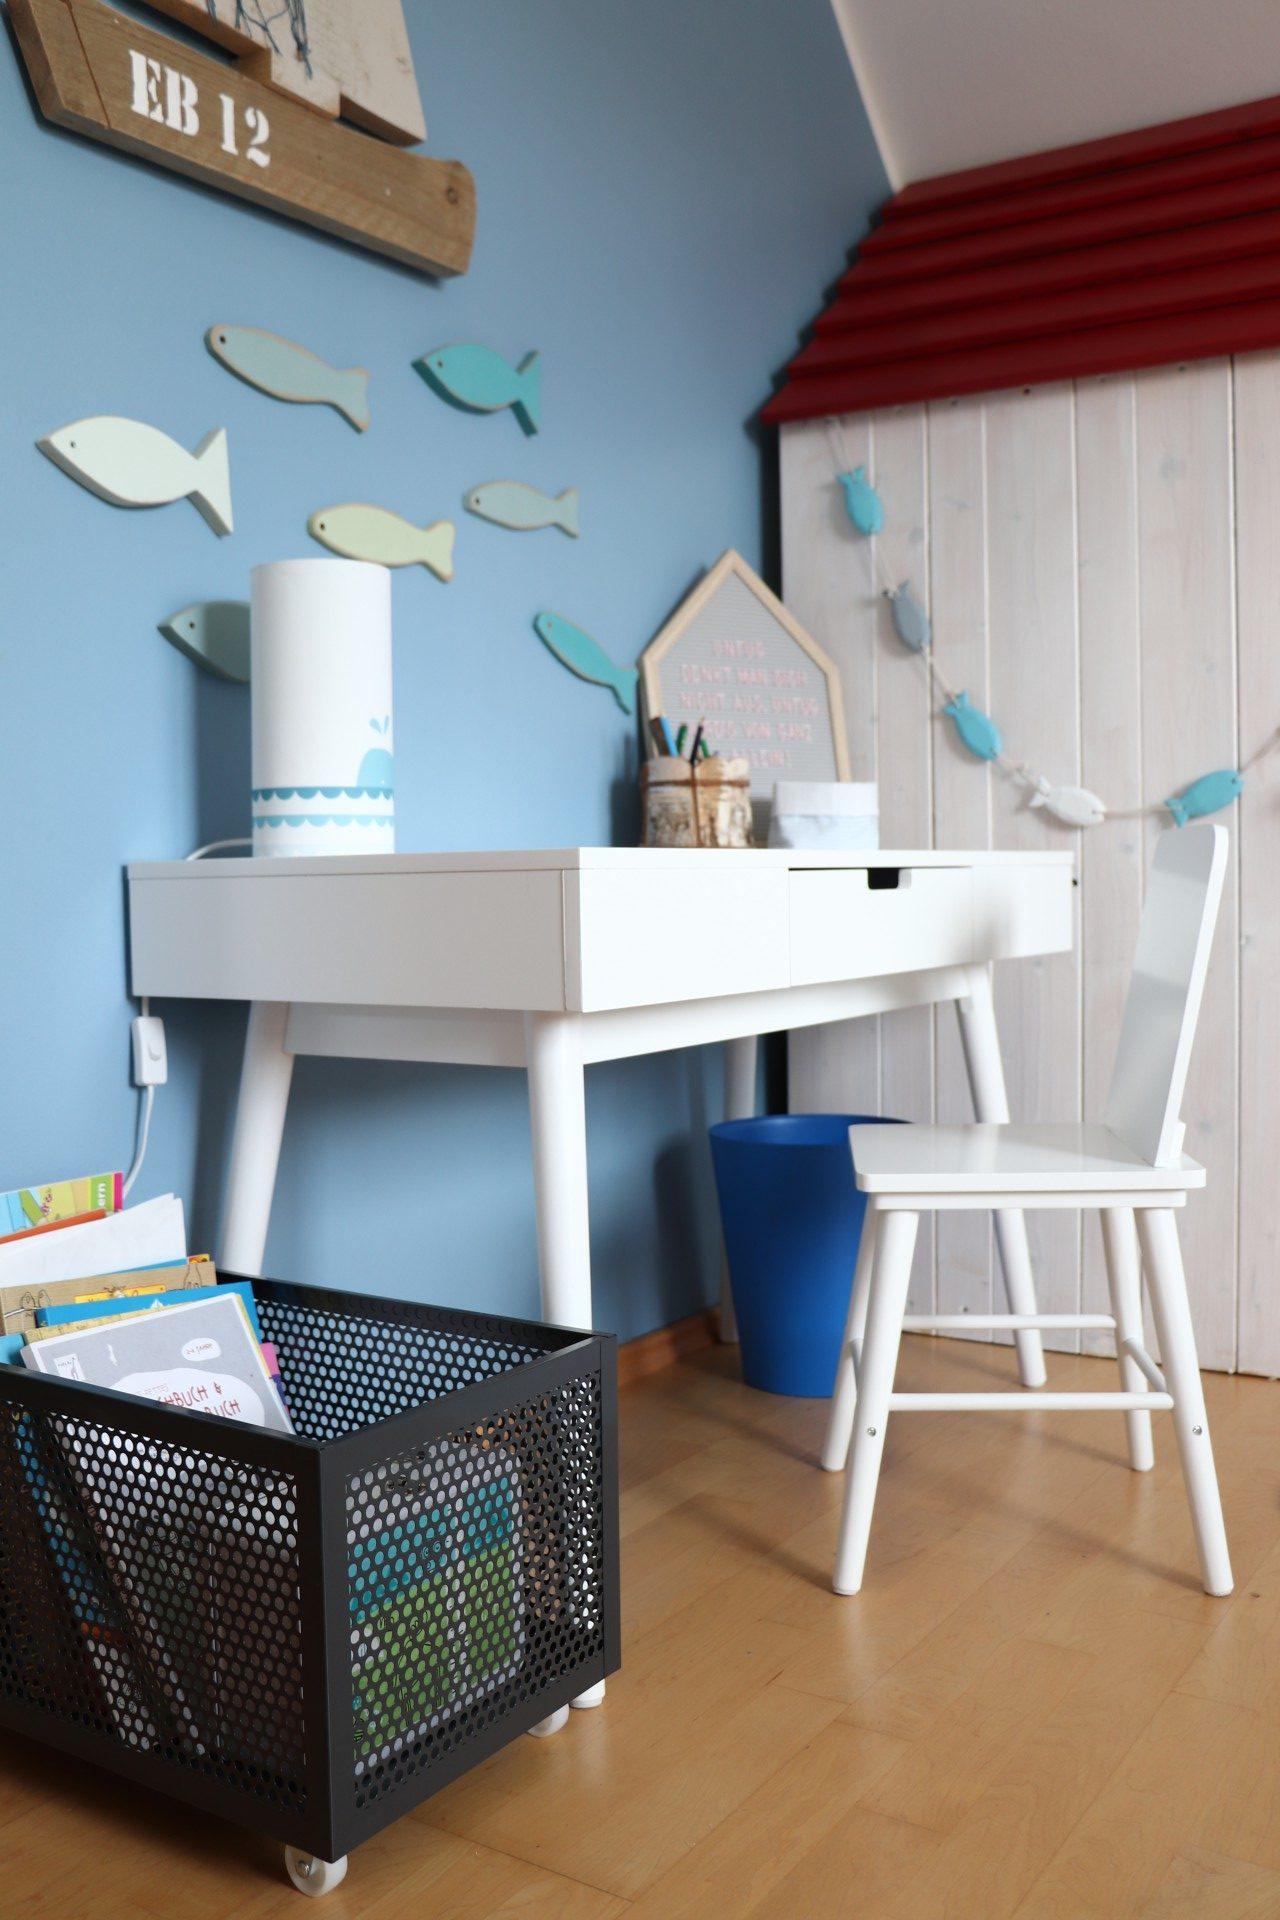 Full Size of Einrichtung Kinderzimmer Einrichten Schreibtisch Lavendelblog Regale Sofa Regal Weiß Kinderzimmer Einrichtung Kinderzimmer